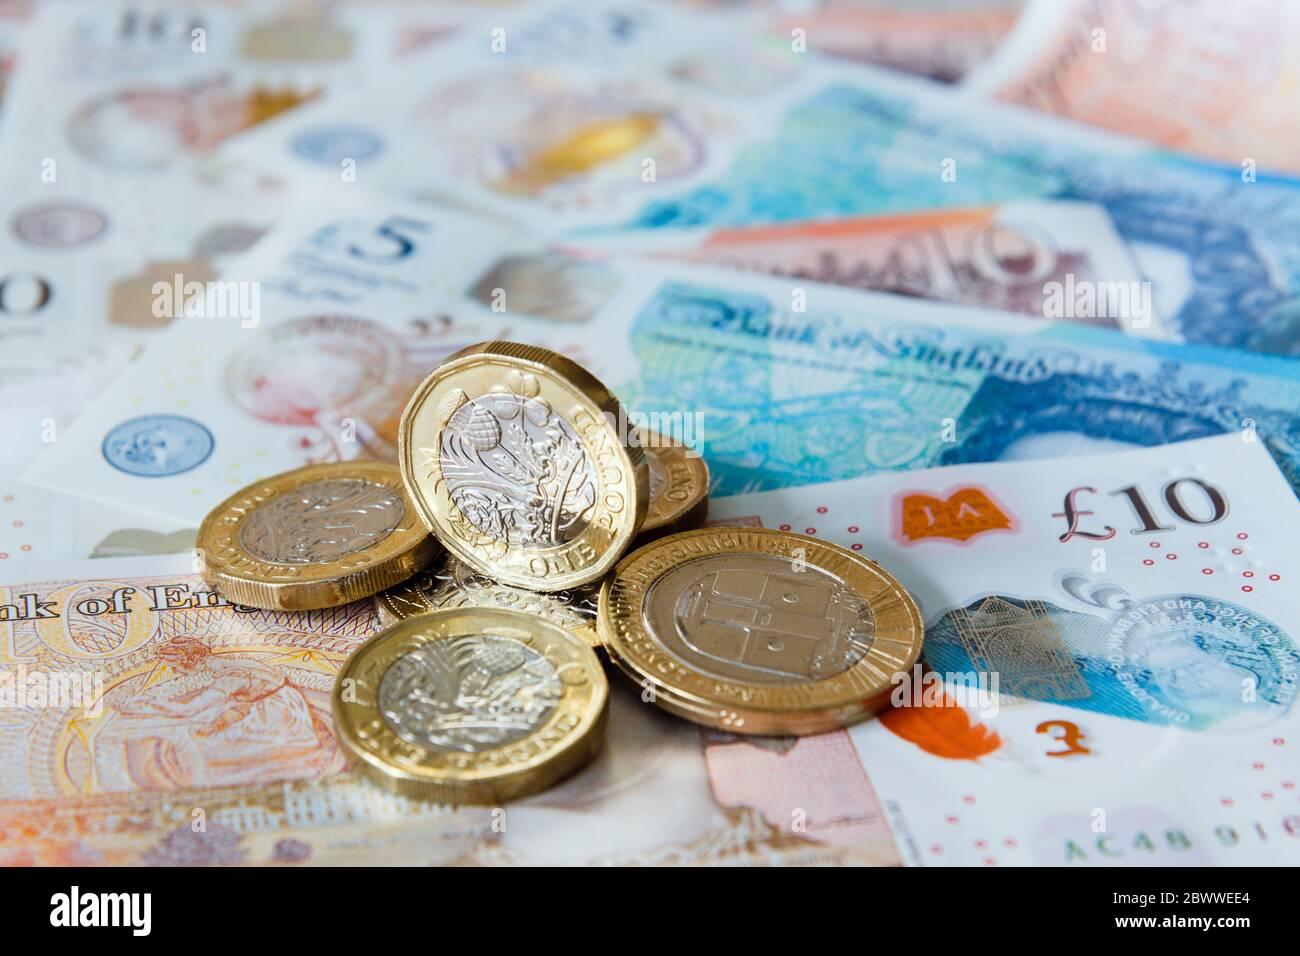 Un montón de una libra de monedas de £ dinero británico libra esterlina en polímero nuevo £ 10 y £ 5 billetes de GBP de primer plano. Inglaterra Reino Unido Gran Bretaña Foto de stock